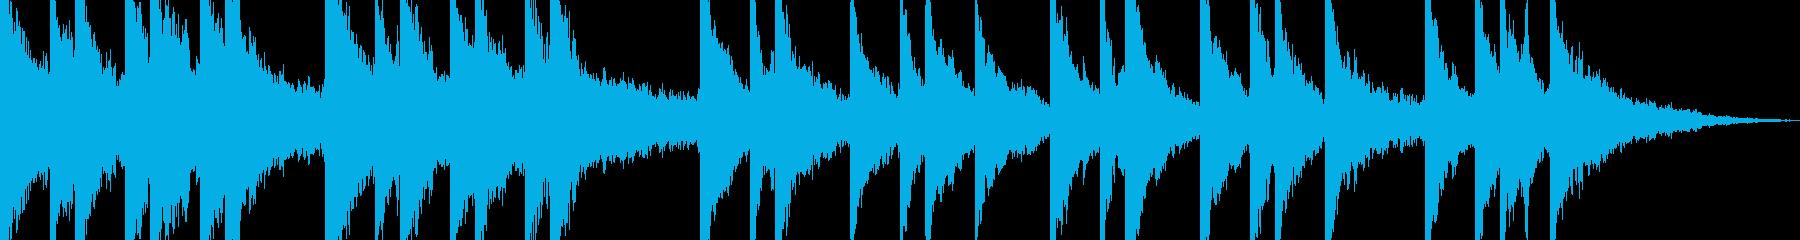 Documentary Musicの再生済みの波形